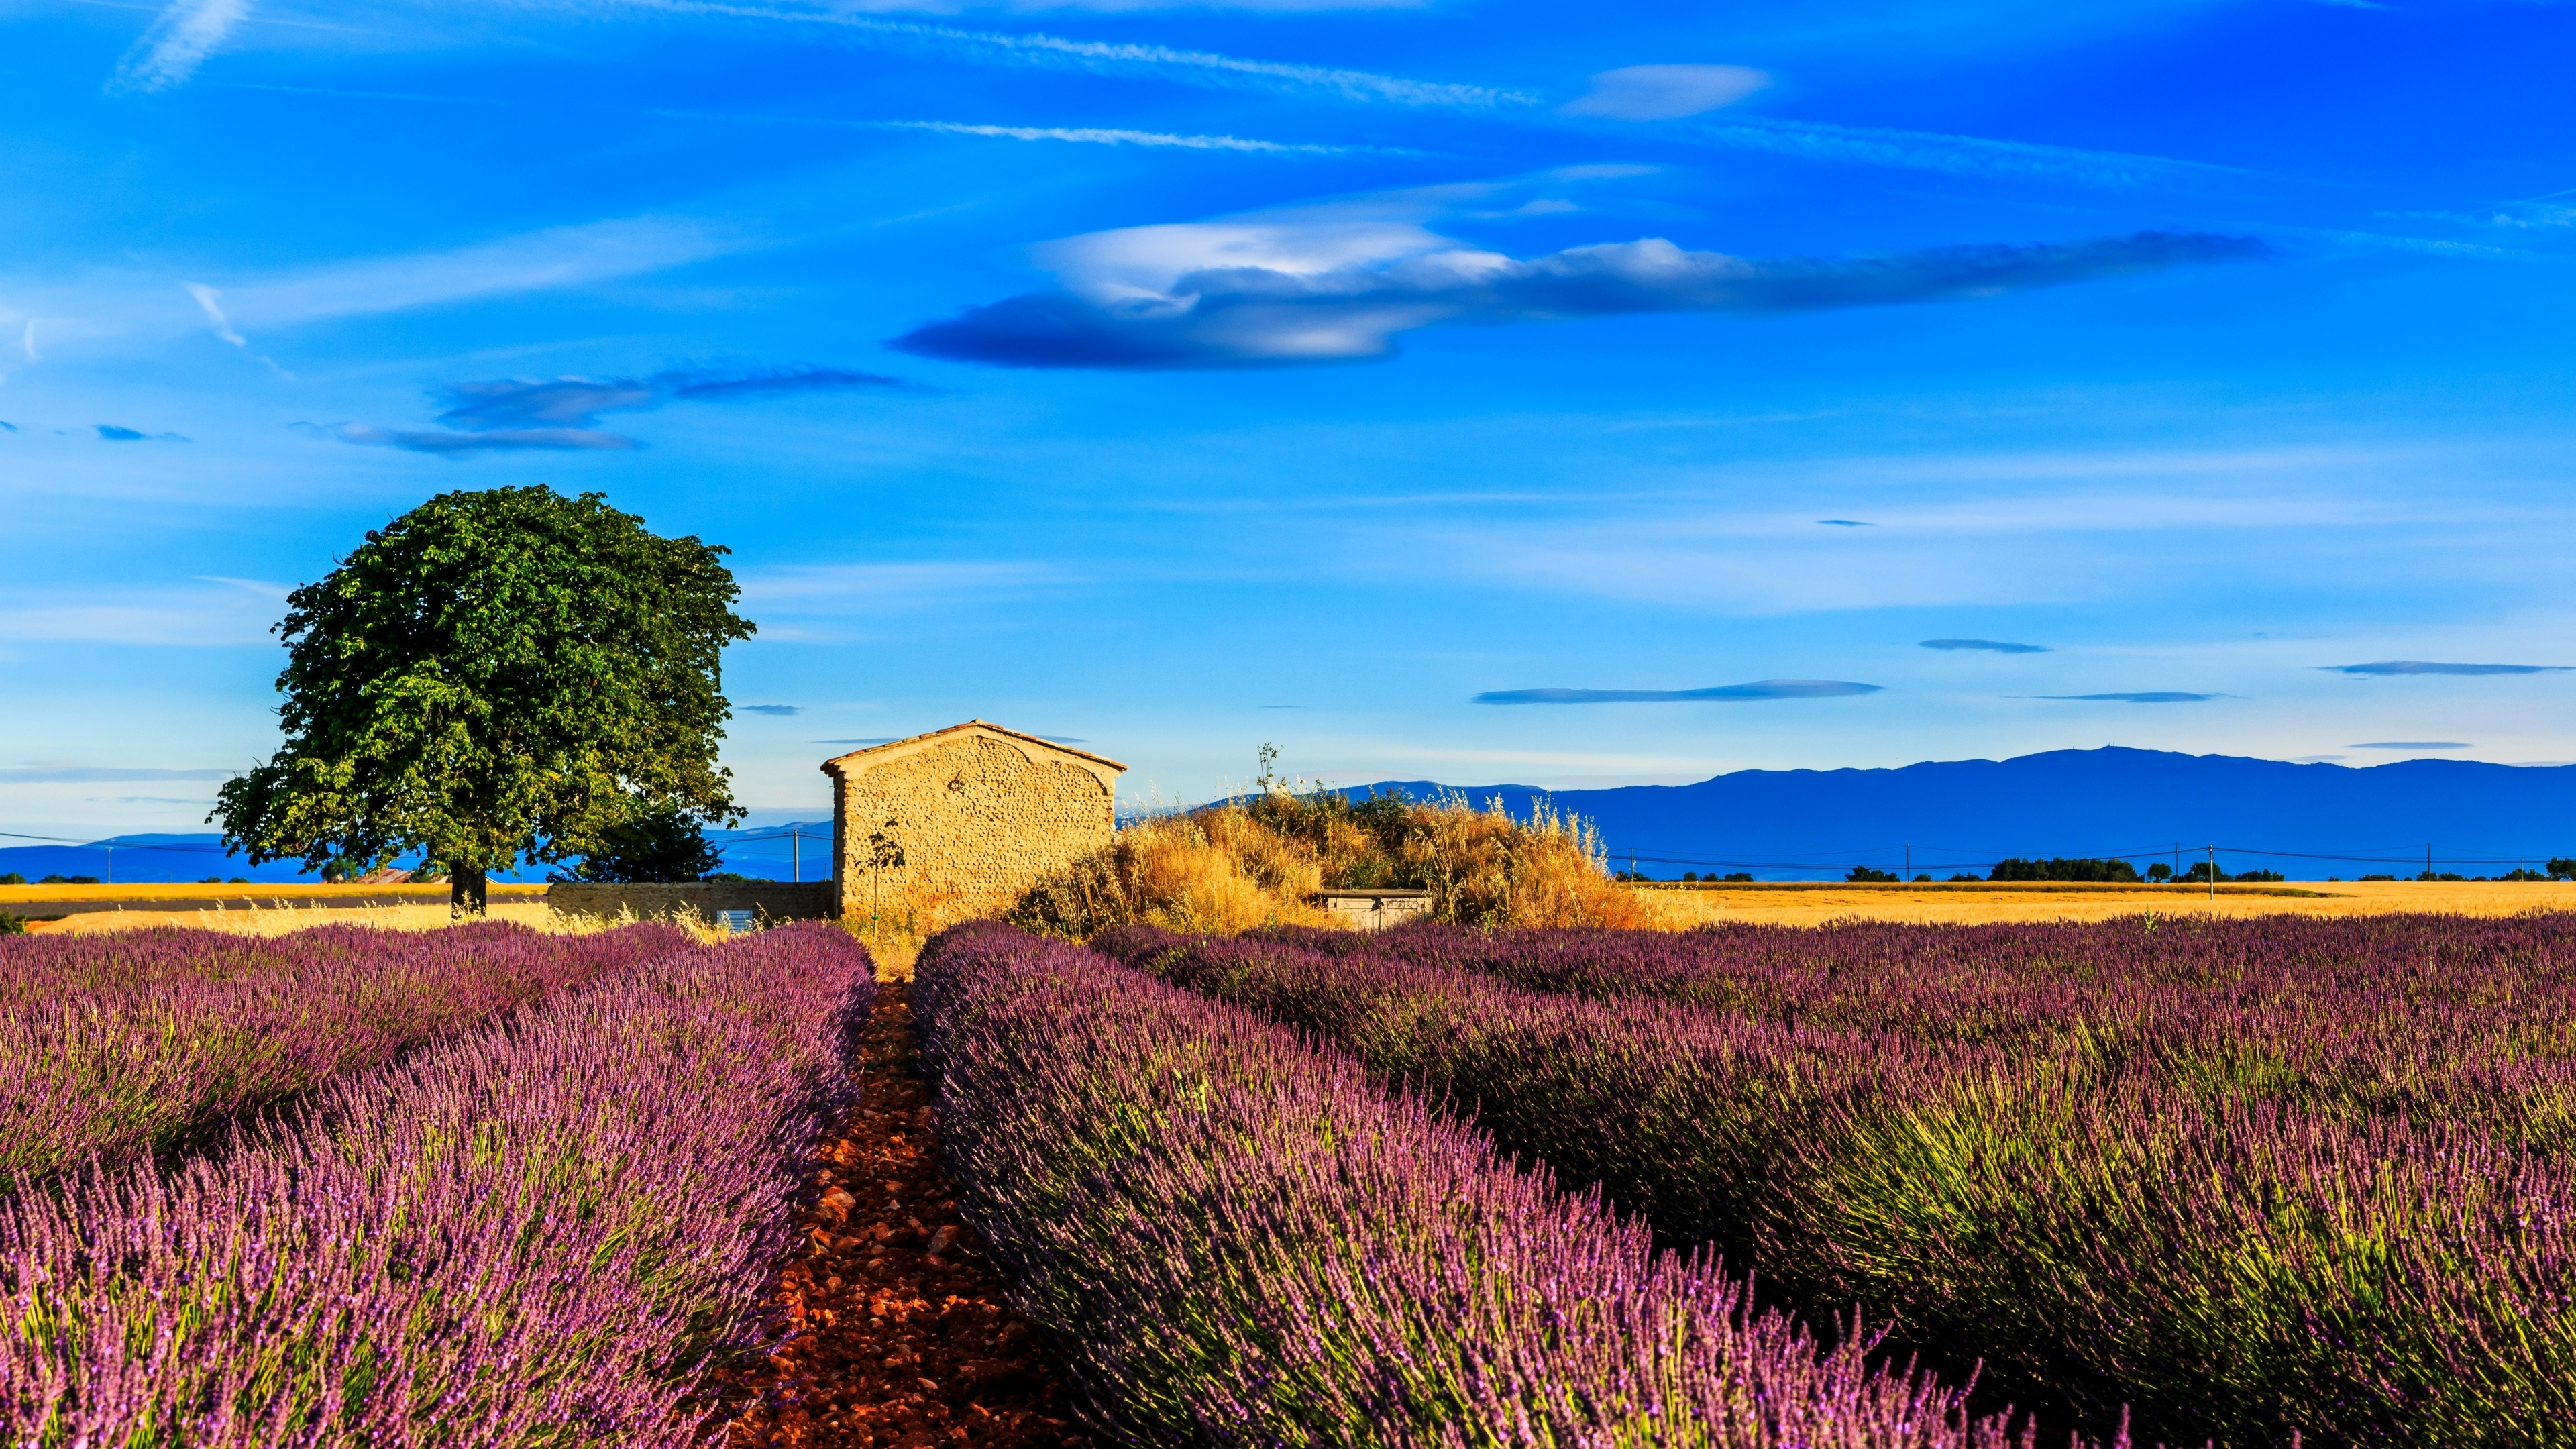 fields nature 4k 1540131485 - Fields Nature 4k - nature wallpapers, fields wallpapers